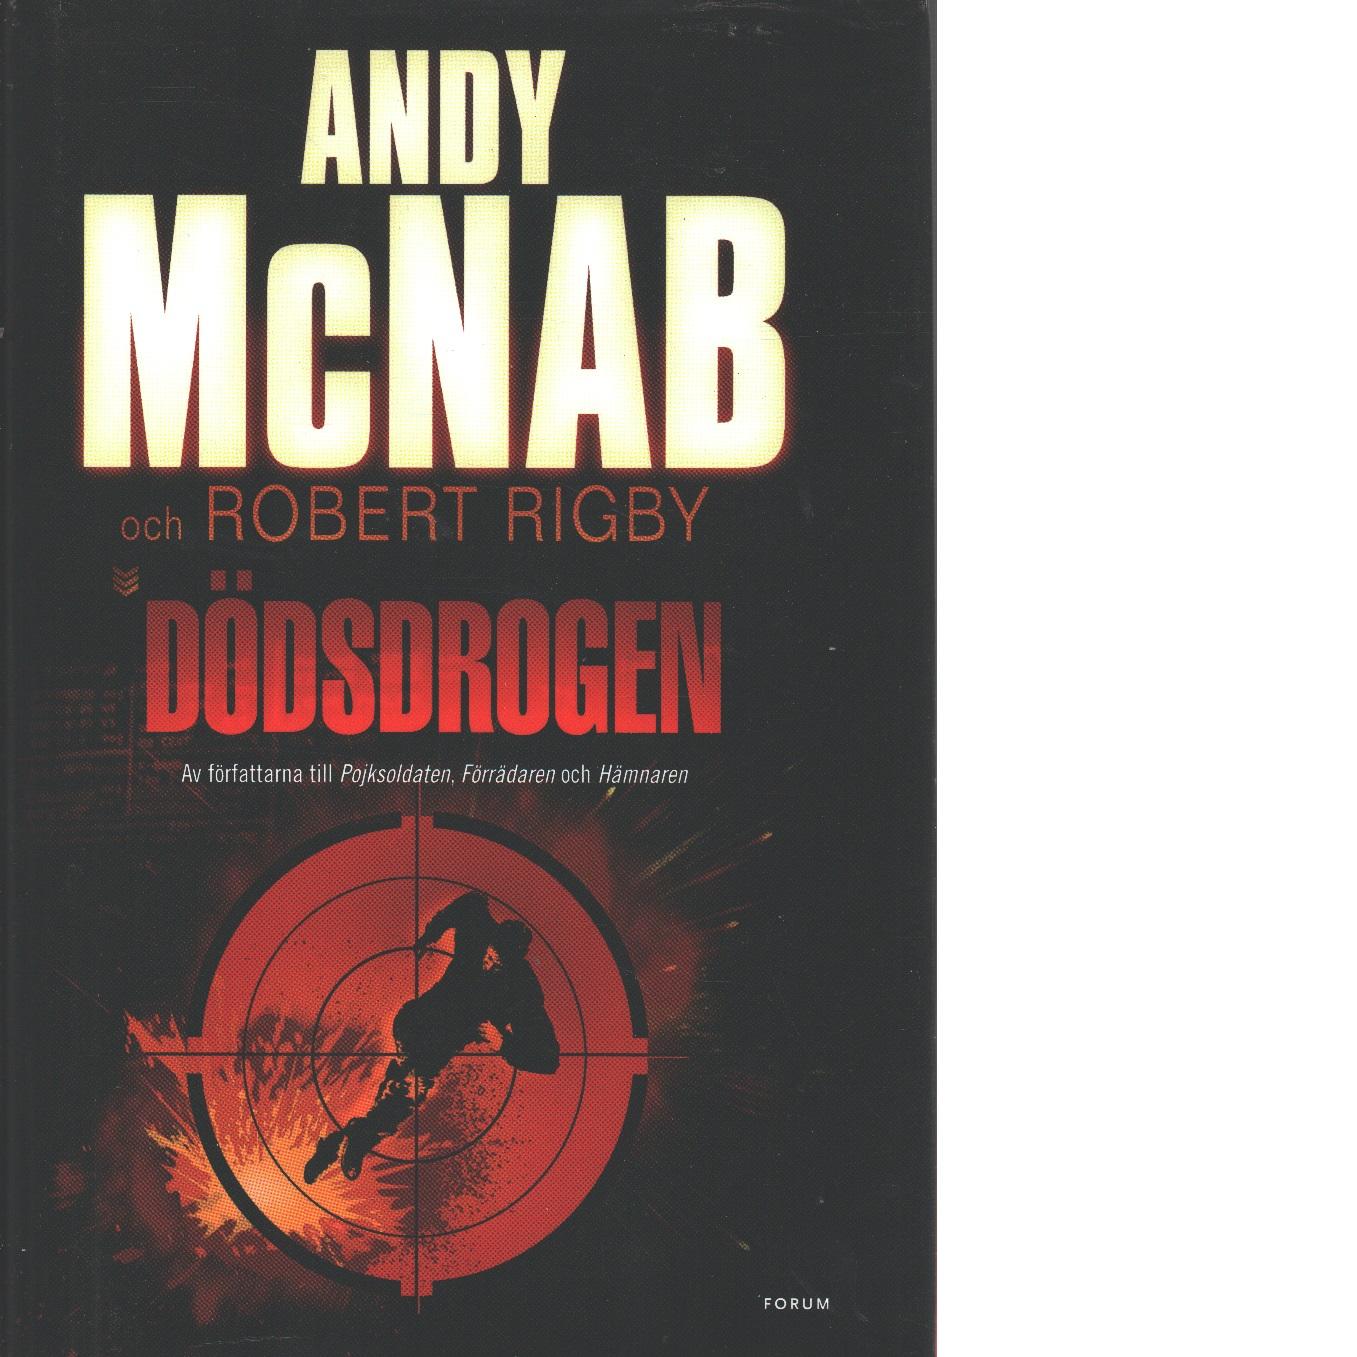 Dödsdrogen - McNab, Andy och Rigby, Robert